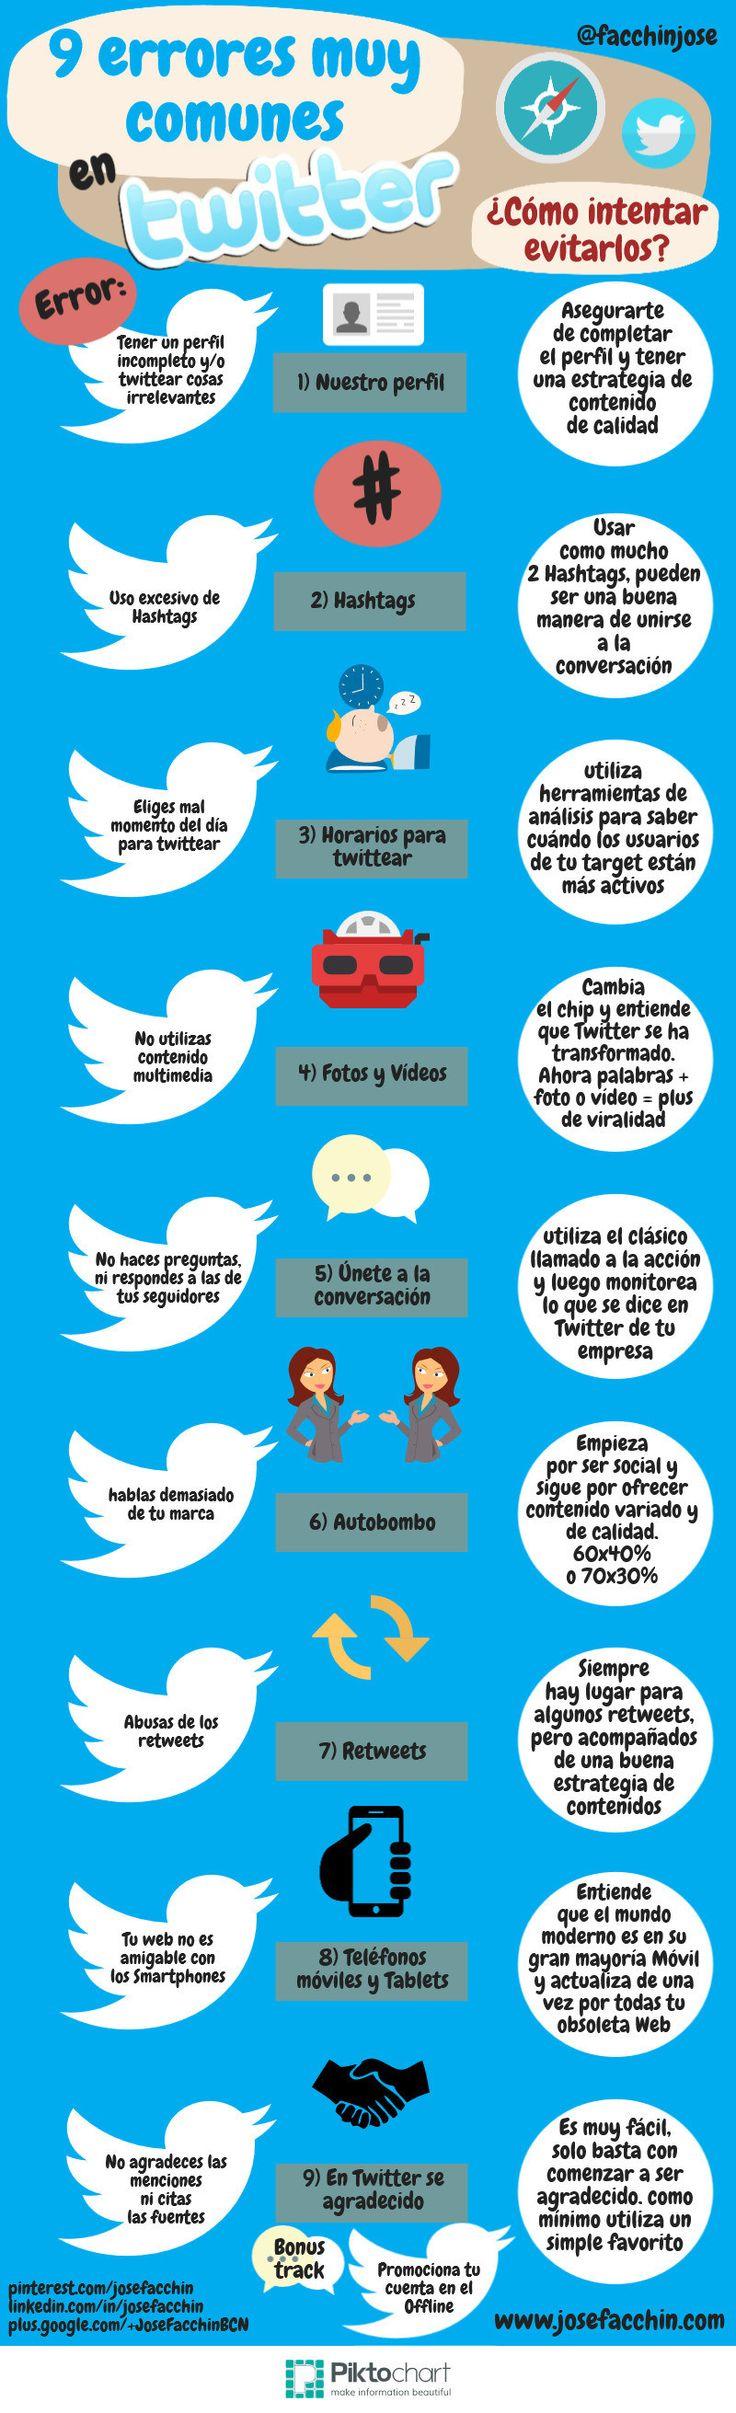 9 errores muy comunes en #Twitter y cómo evitarlos